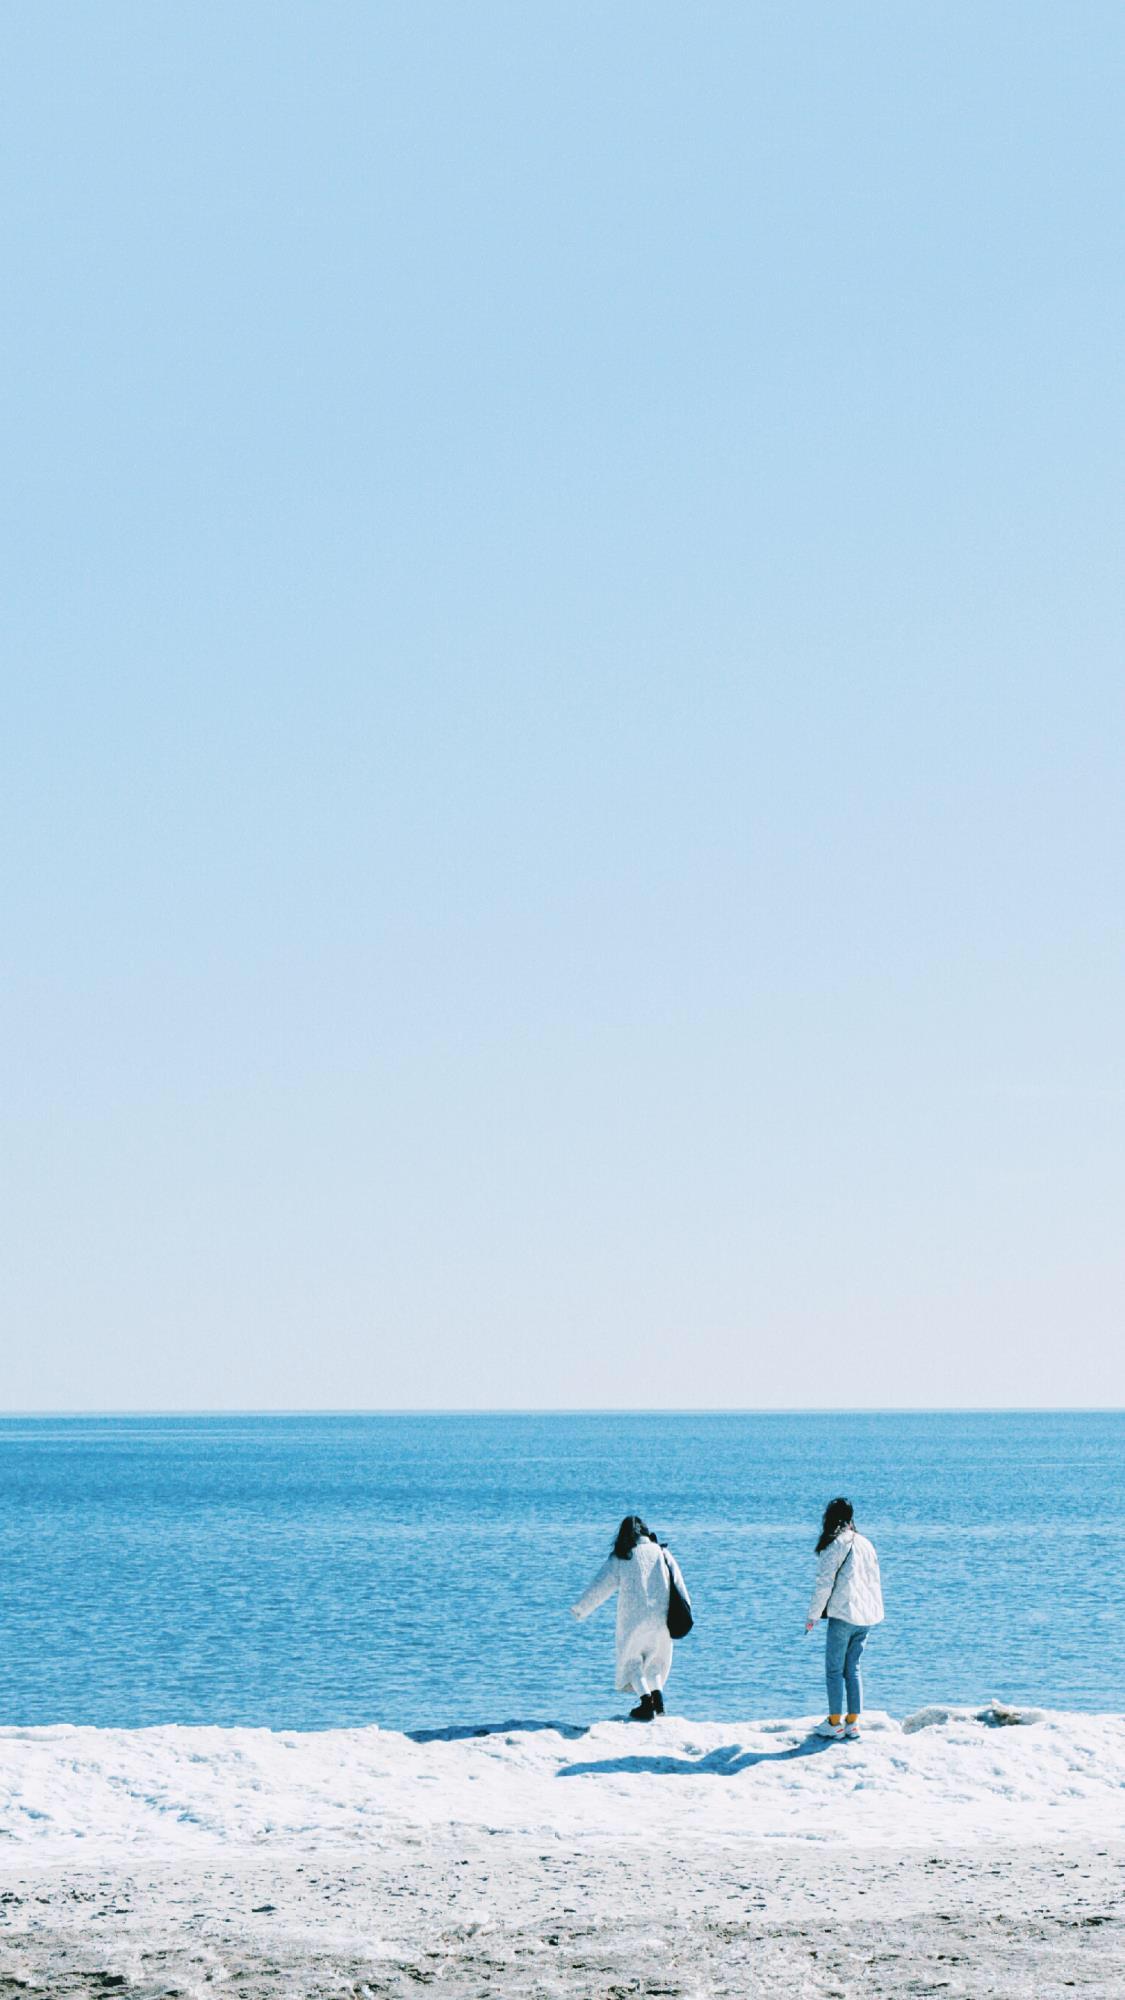 小清新沙滩海边风景唯美图片手机壁纸